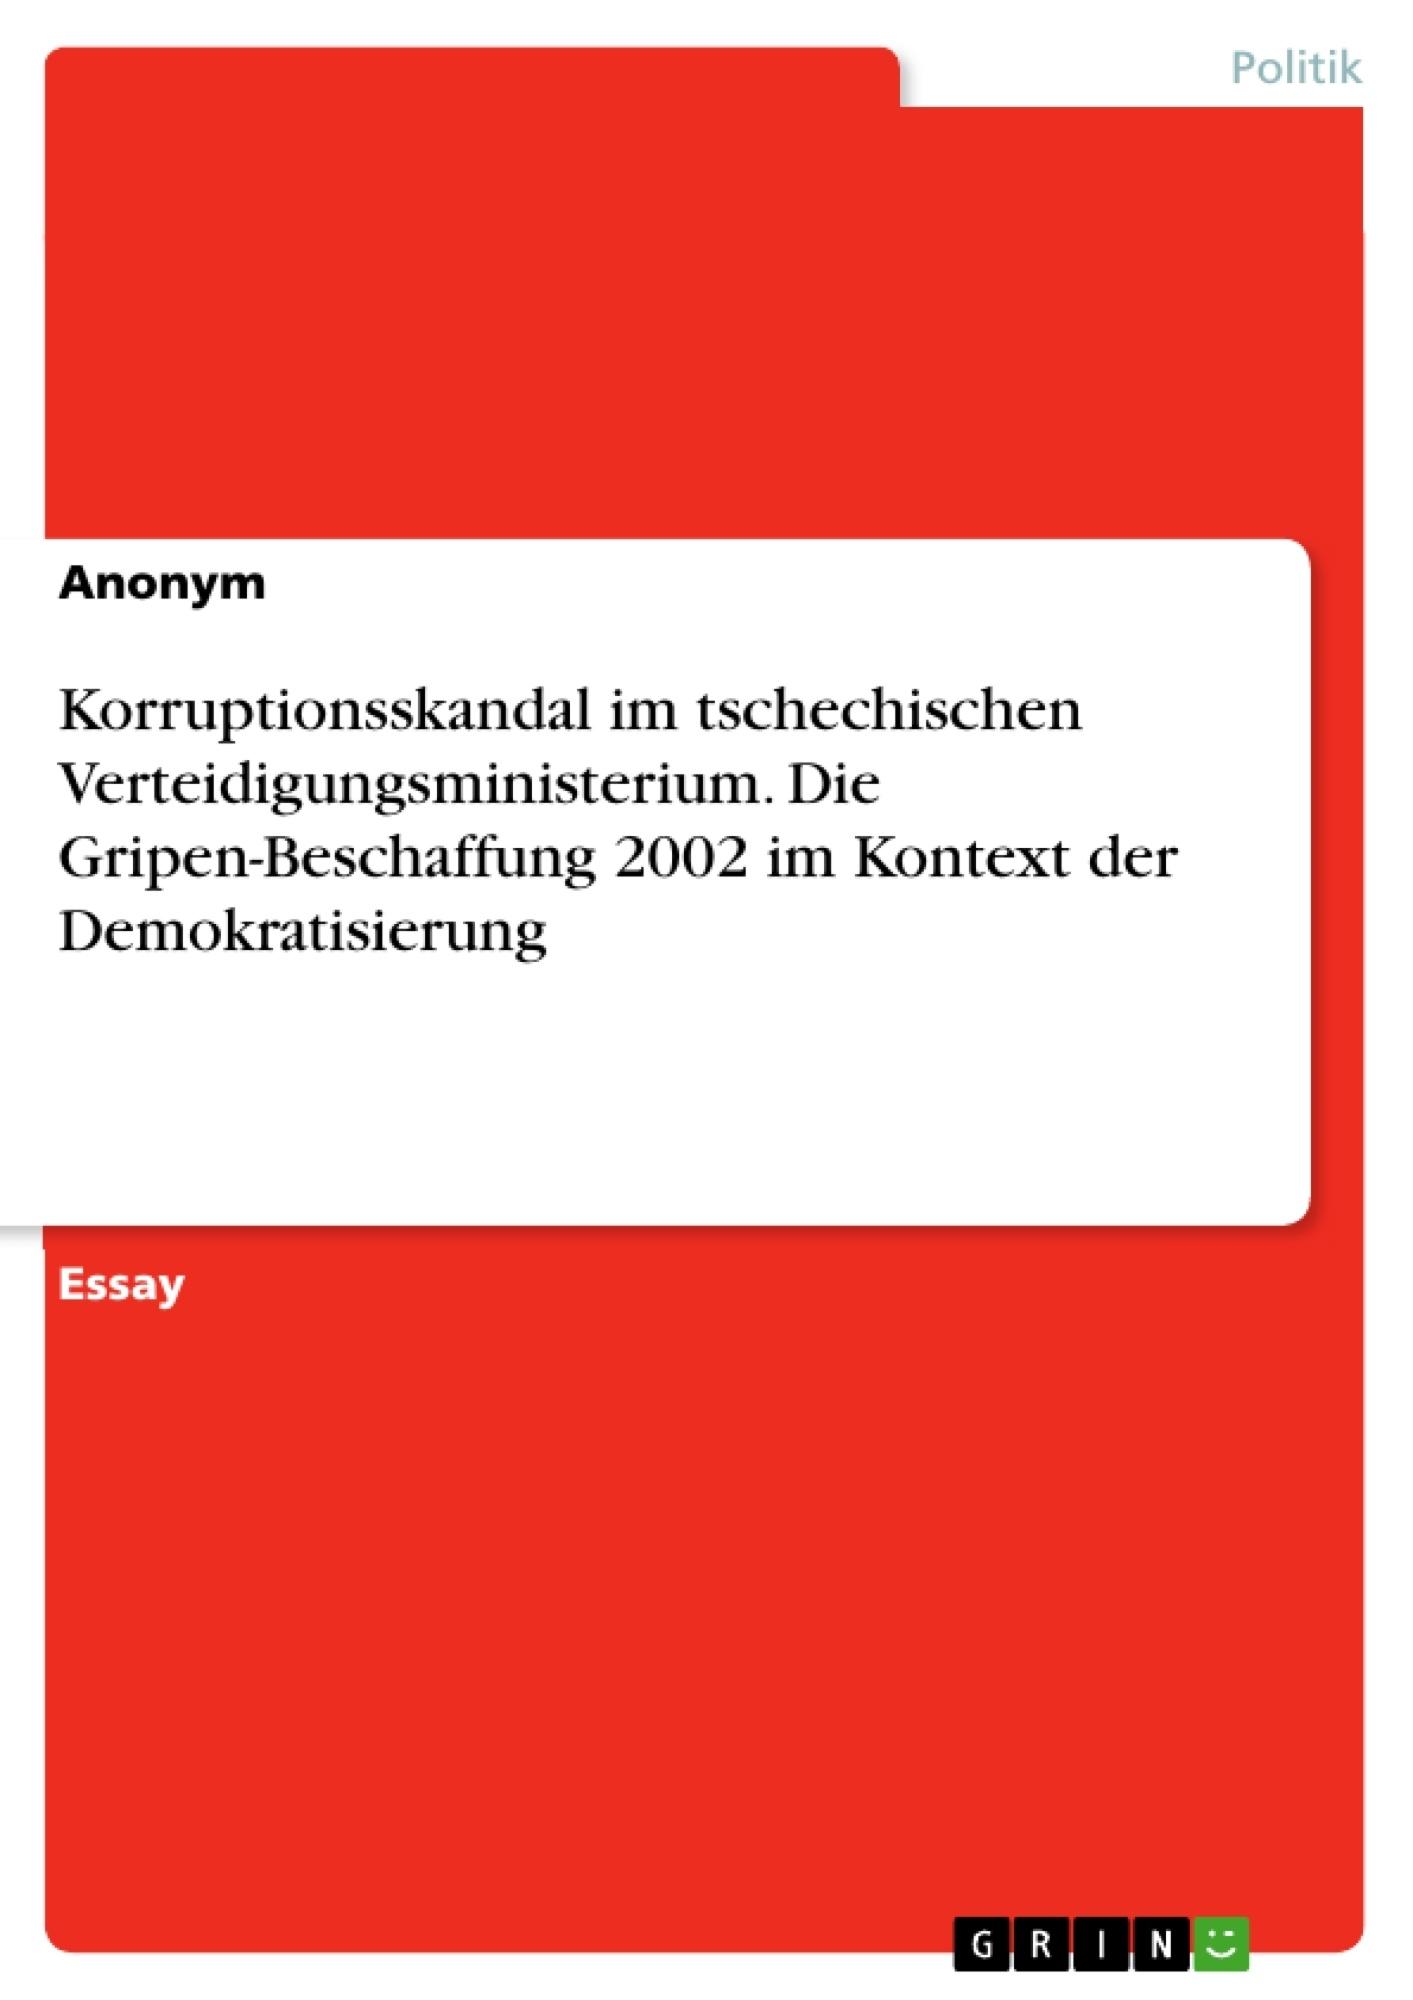 Titel: Korruptionsskandal im tschechischen Verteidigungsministerium. Die Gripen-Beschaffung 2002 im Kontext der Demokratisierung